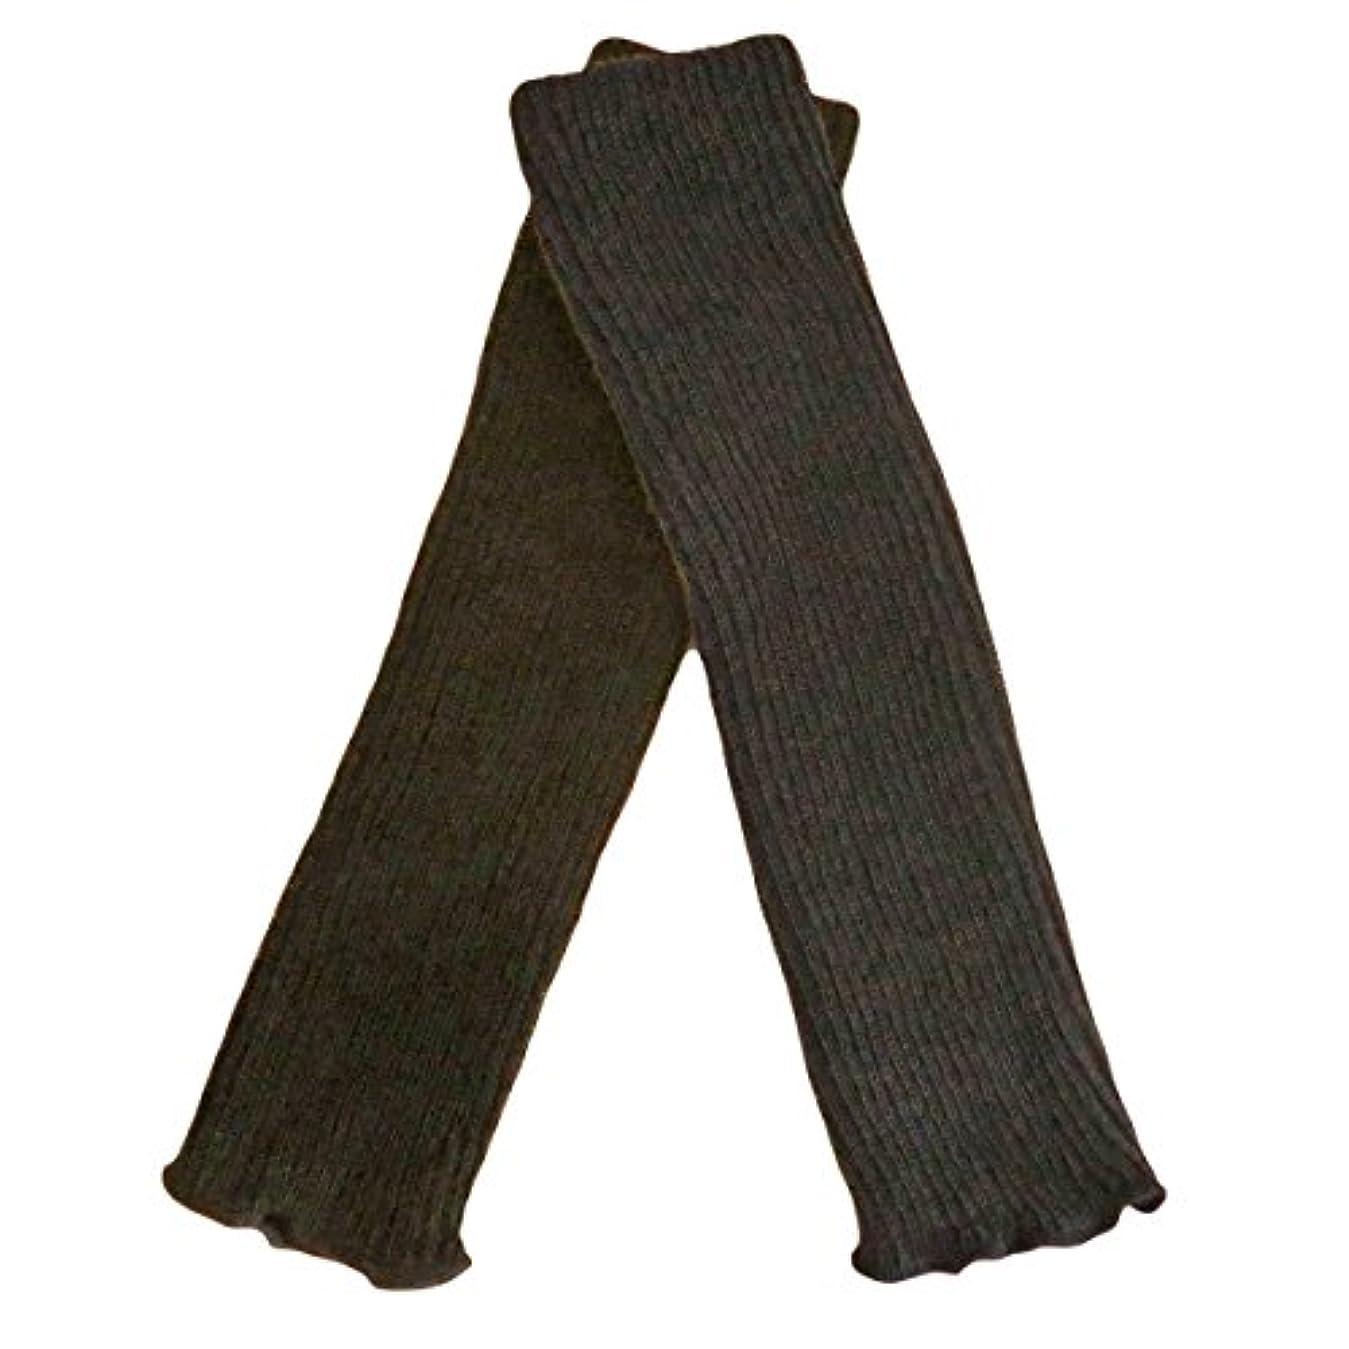 ドリンク麺方言シルクウール二重編みレッグウォーマー 内絹外毛の二重縫製があたたかい厚手レッグウォーマー (ブラウン)